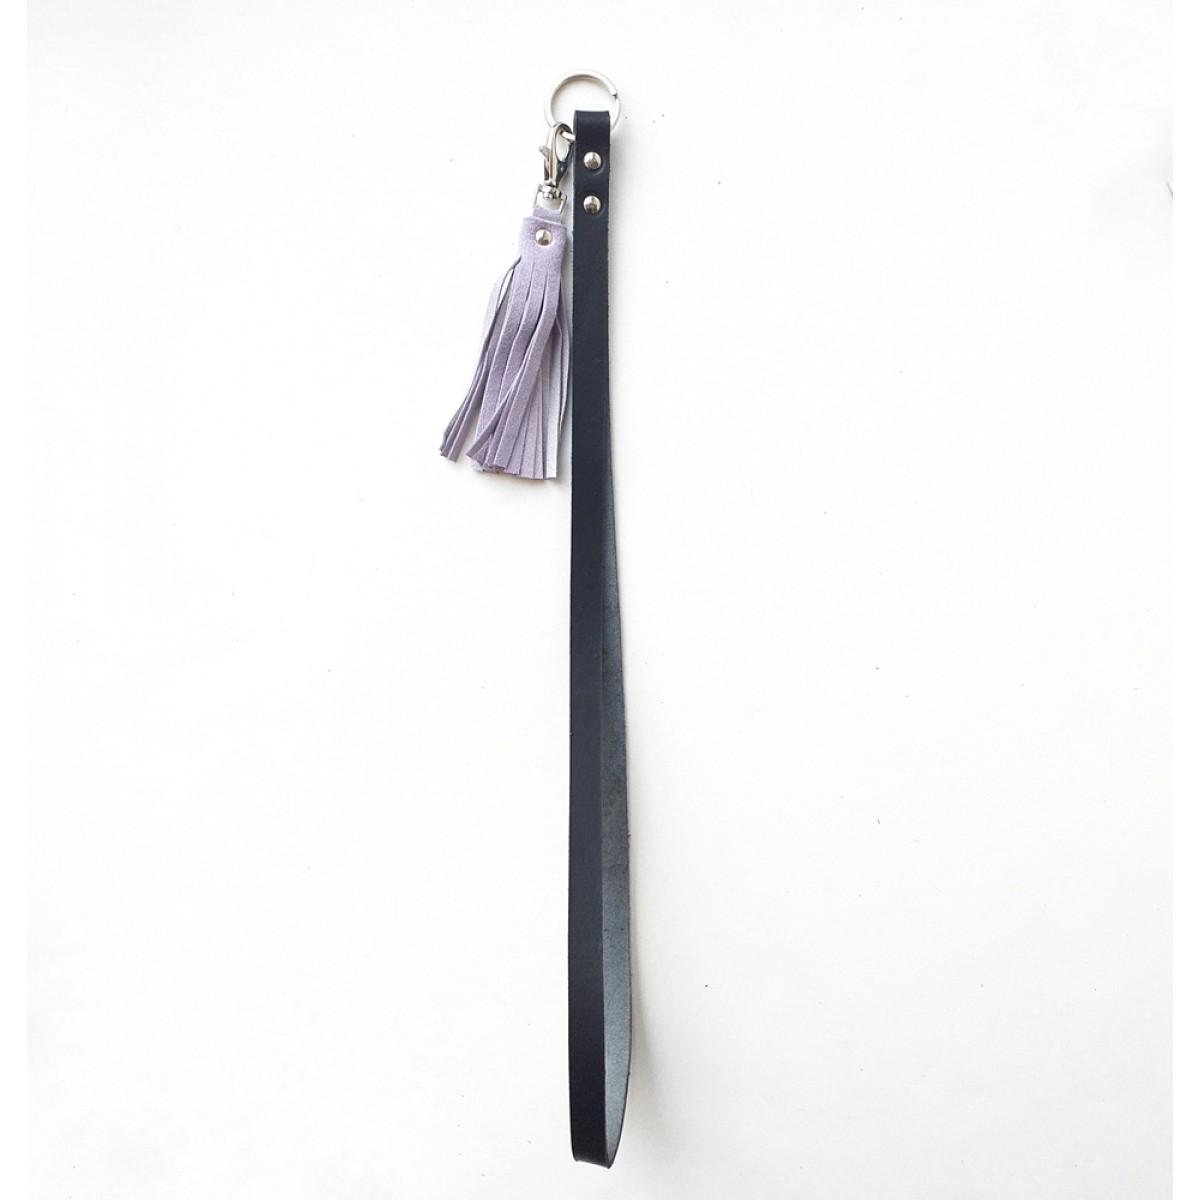 Grotkop Collection Schlüsselanhänger NORSK long in schwarz mit flieder farbenem oder kupter/pink Tassel